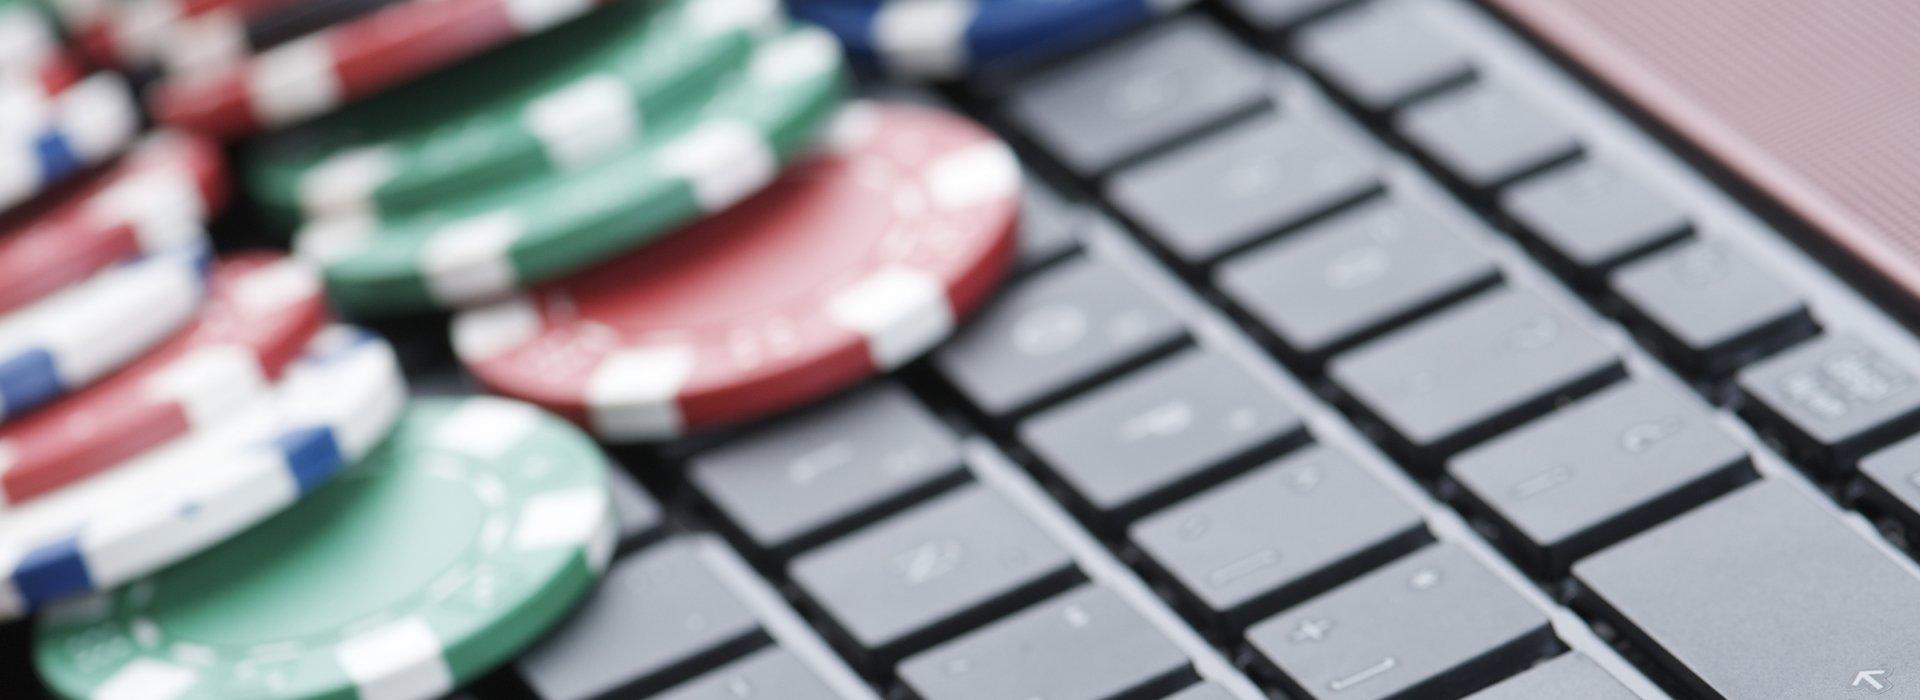 Online Casinos - Casinos